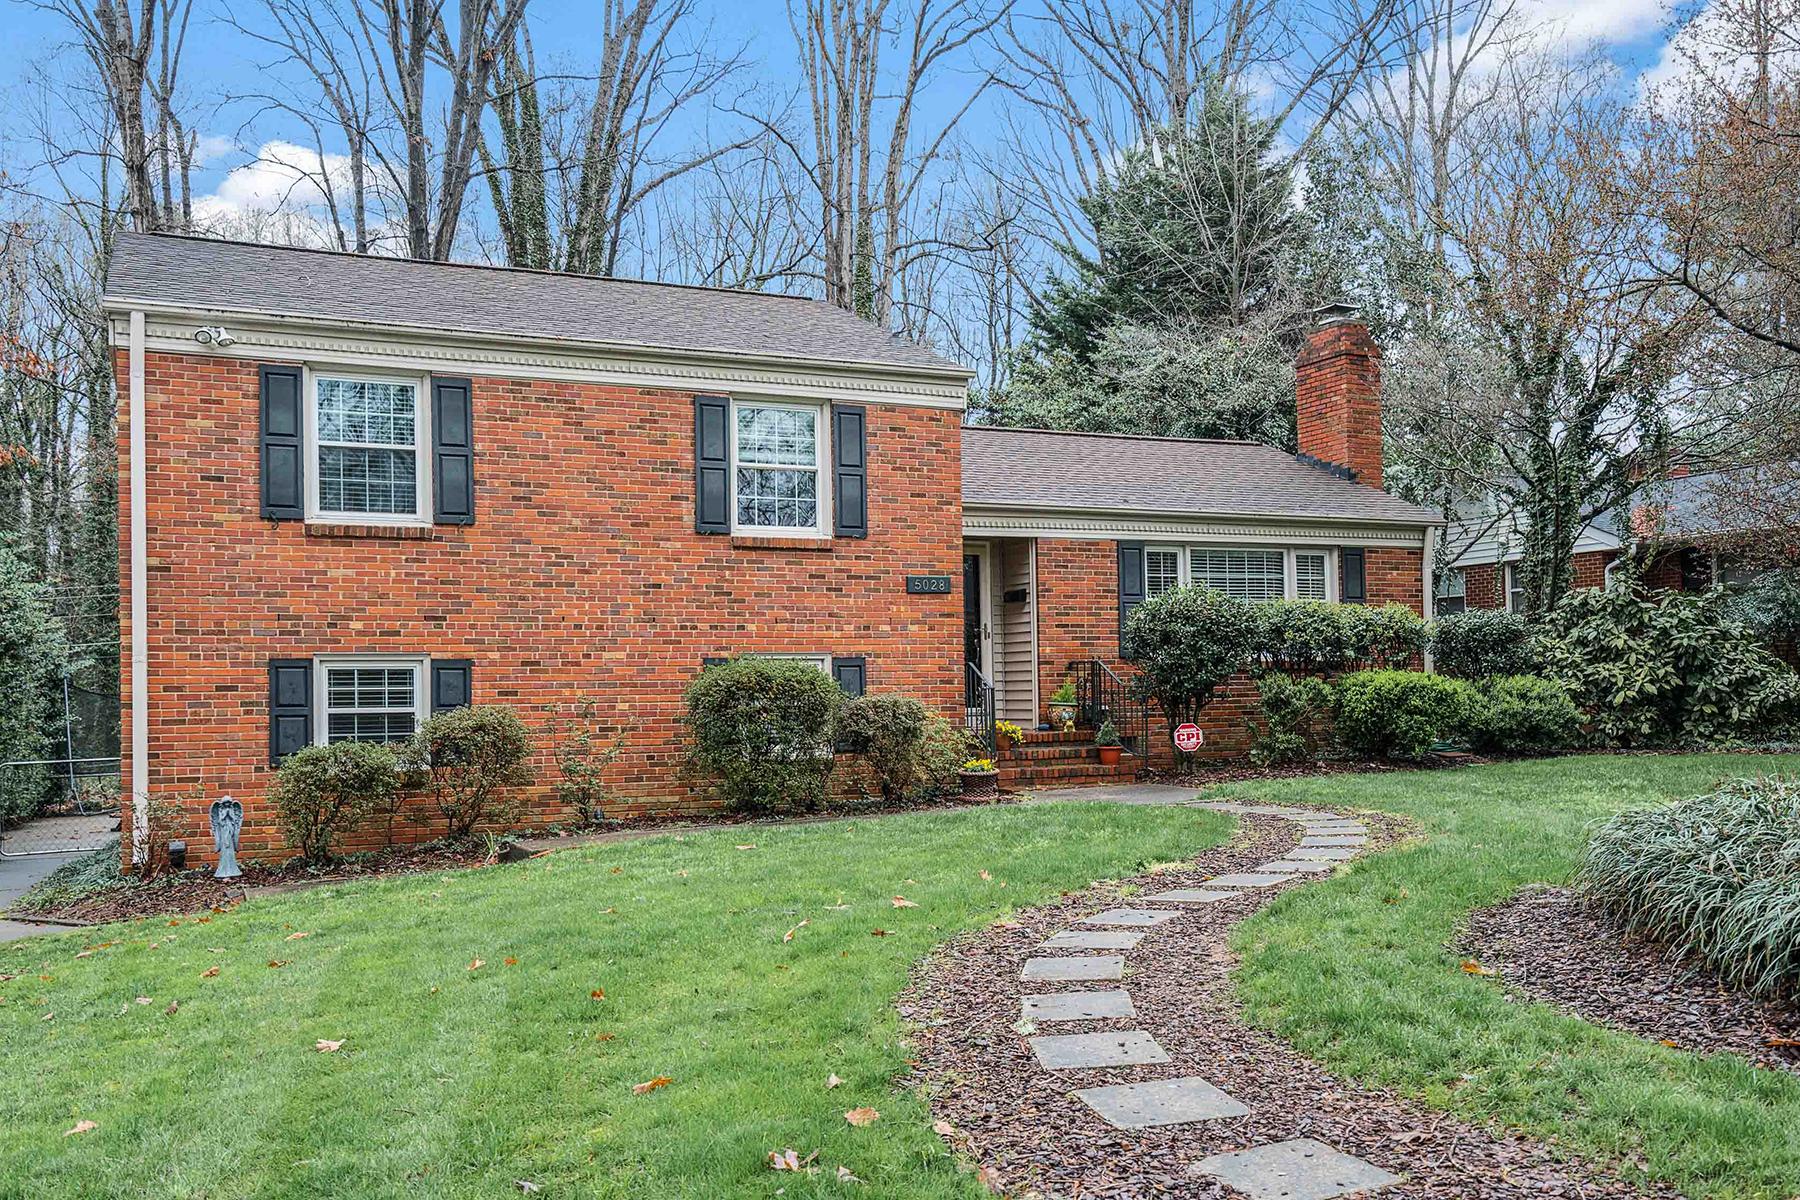 Частный односемейный дом для того Продажа на 5028 Milford Rd , Charlotte, NC 28210 5028 Milford Rd, Charlotte, Северная Каролина, 28210 Соединенные Штаты